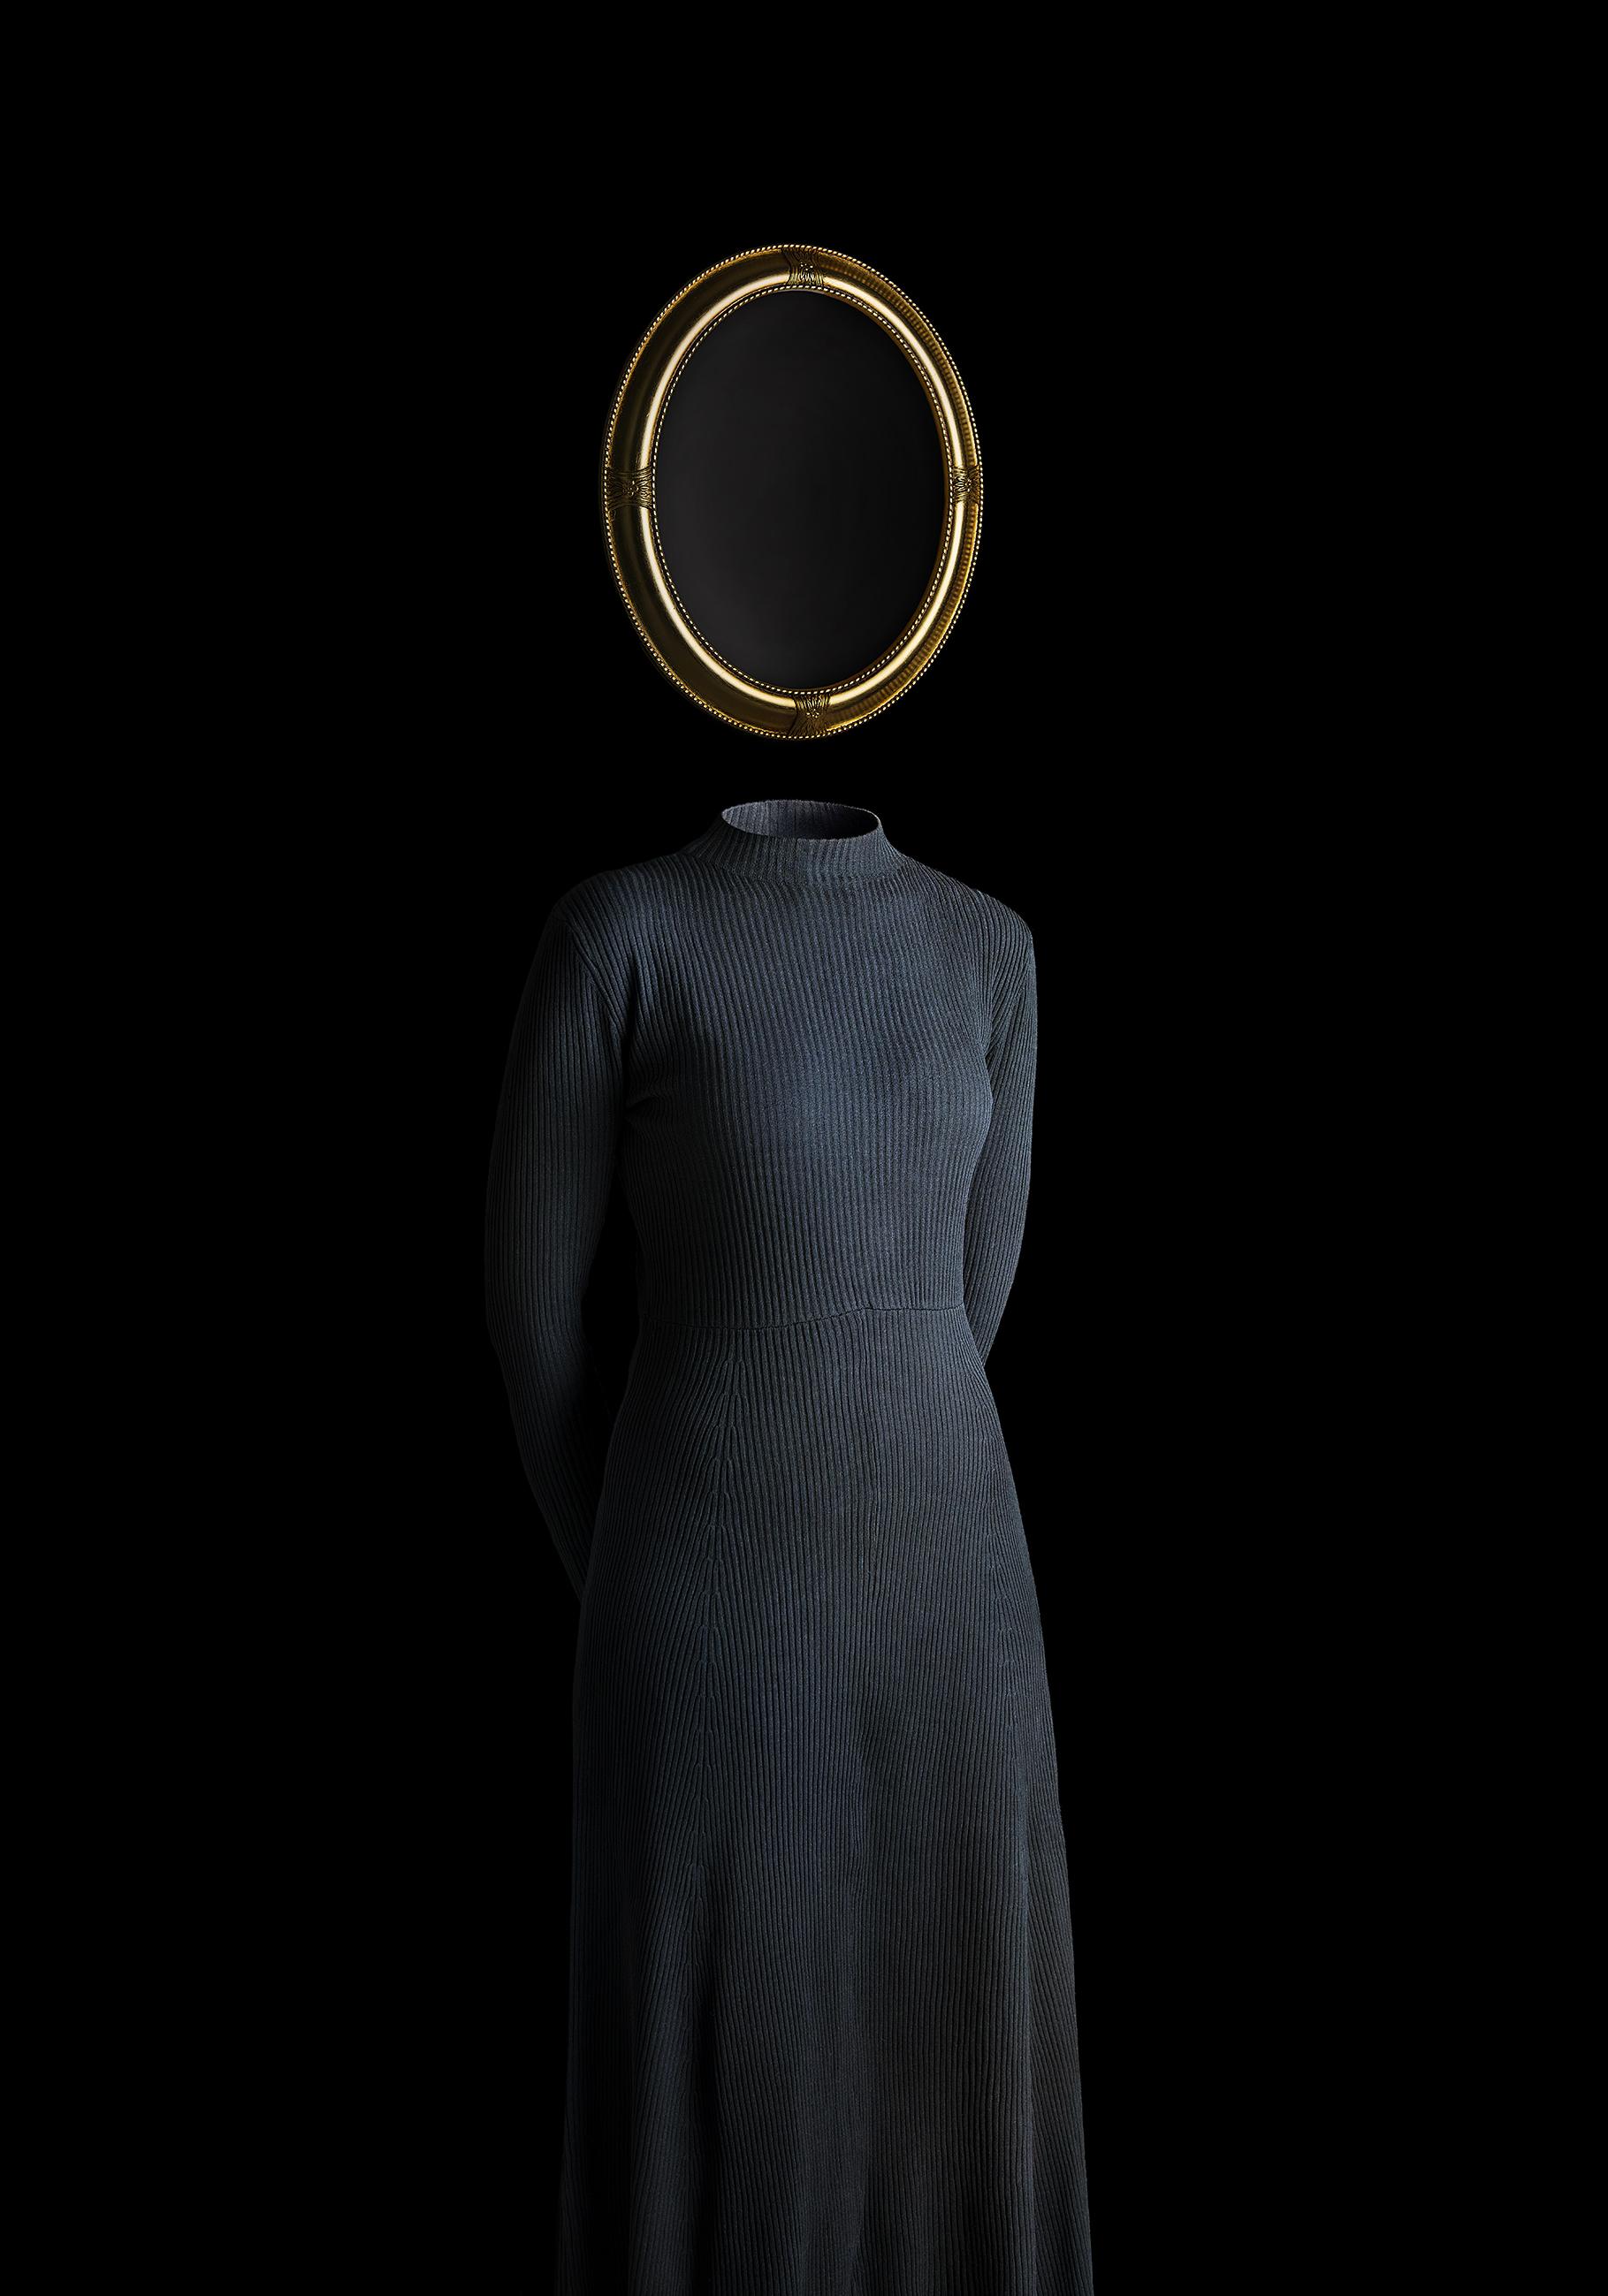 un miroir dans lequel vous regarder